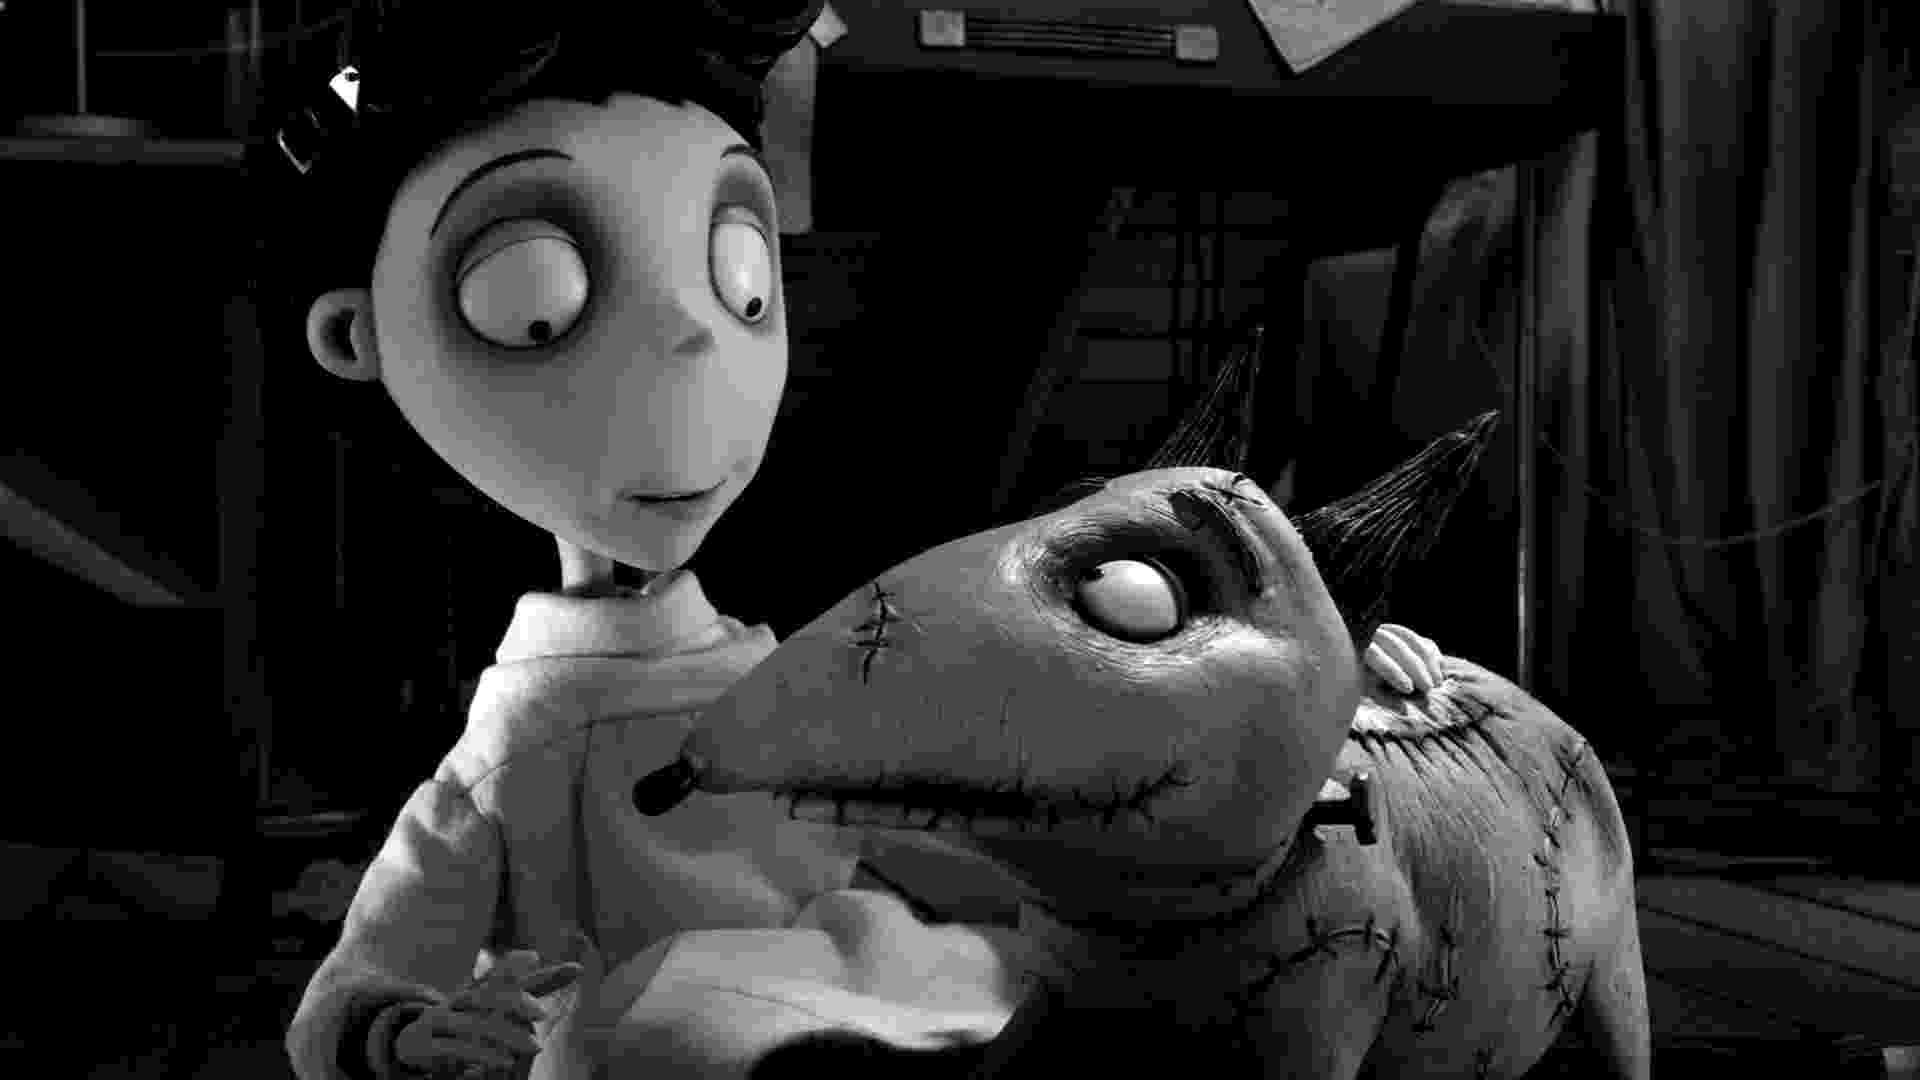 """Victor e seu cão Sparky em cena do filme """"Frankenweenie"""", de Tim Burton (2012) - Divulgação"""